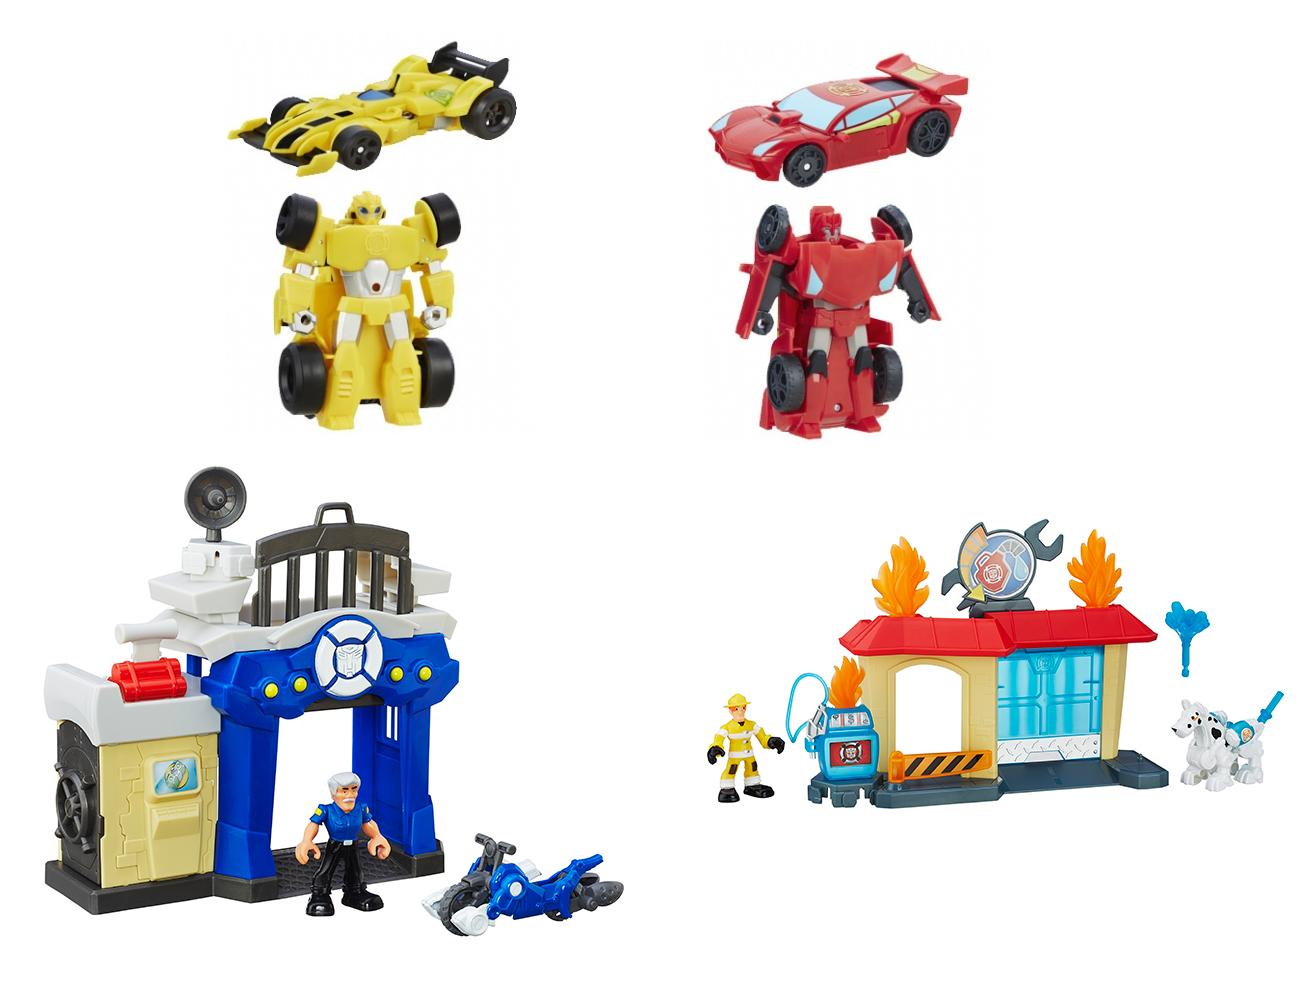 Набор Hasbro Playskool Heroes - Трансформеры Спасатели: гоночные машины + спасателиИгрушки трансформеры<br>Набор Hasbro Playskool Heroes - Трансформеры Спасатели: гоночные машины + спасатели<br>